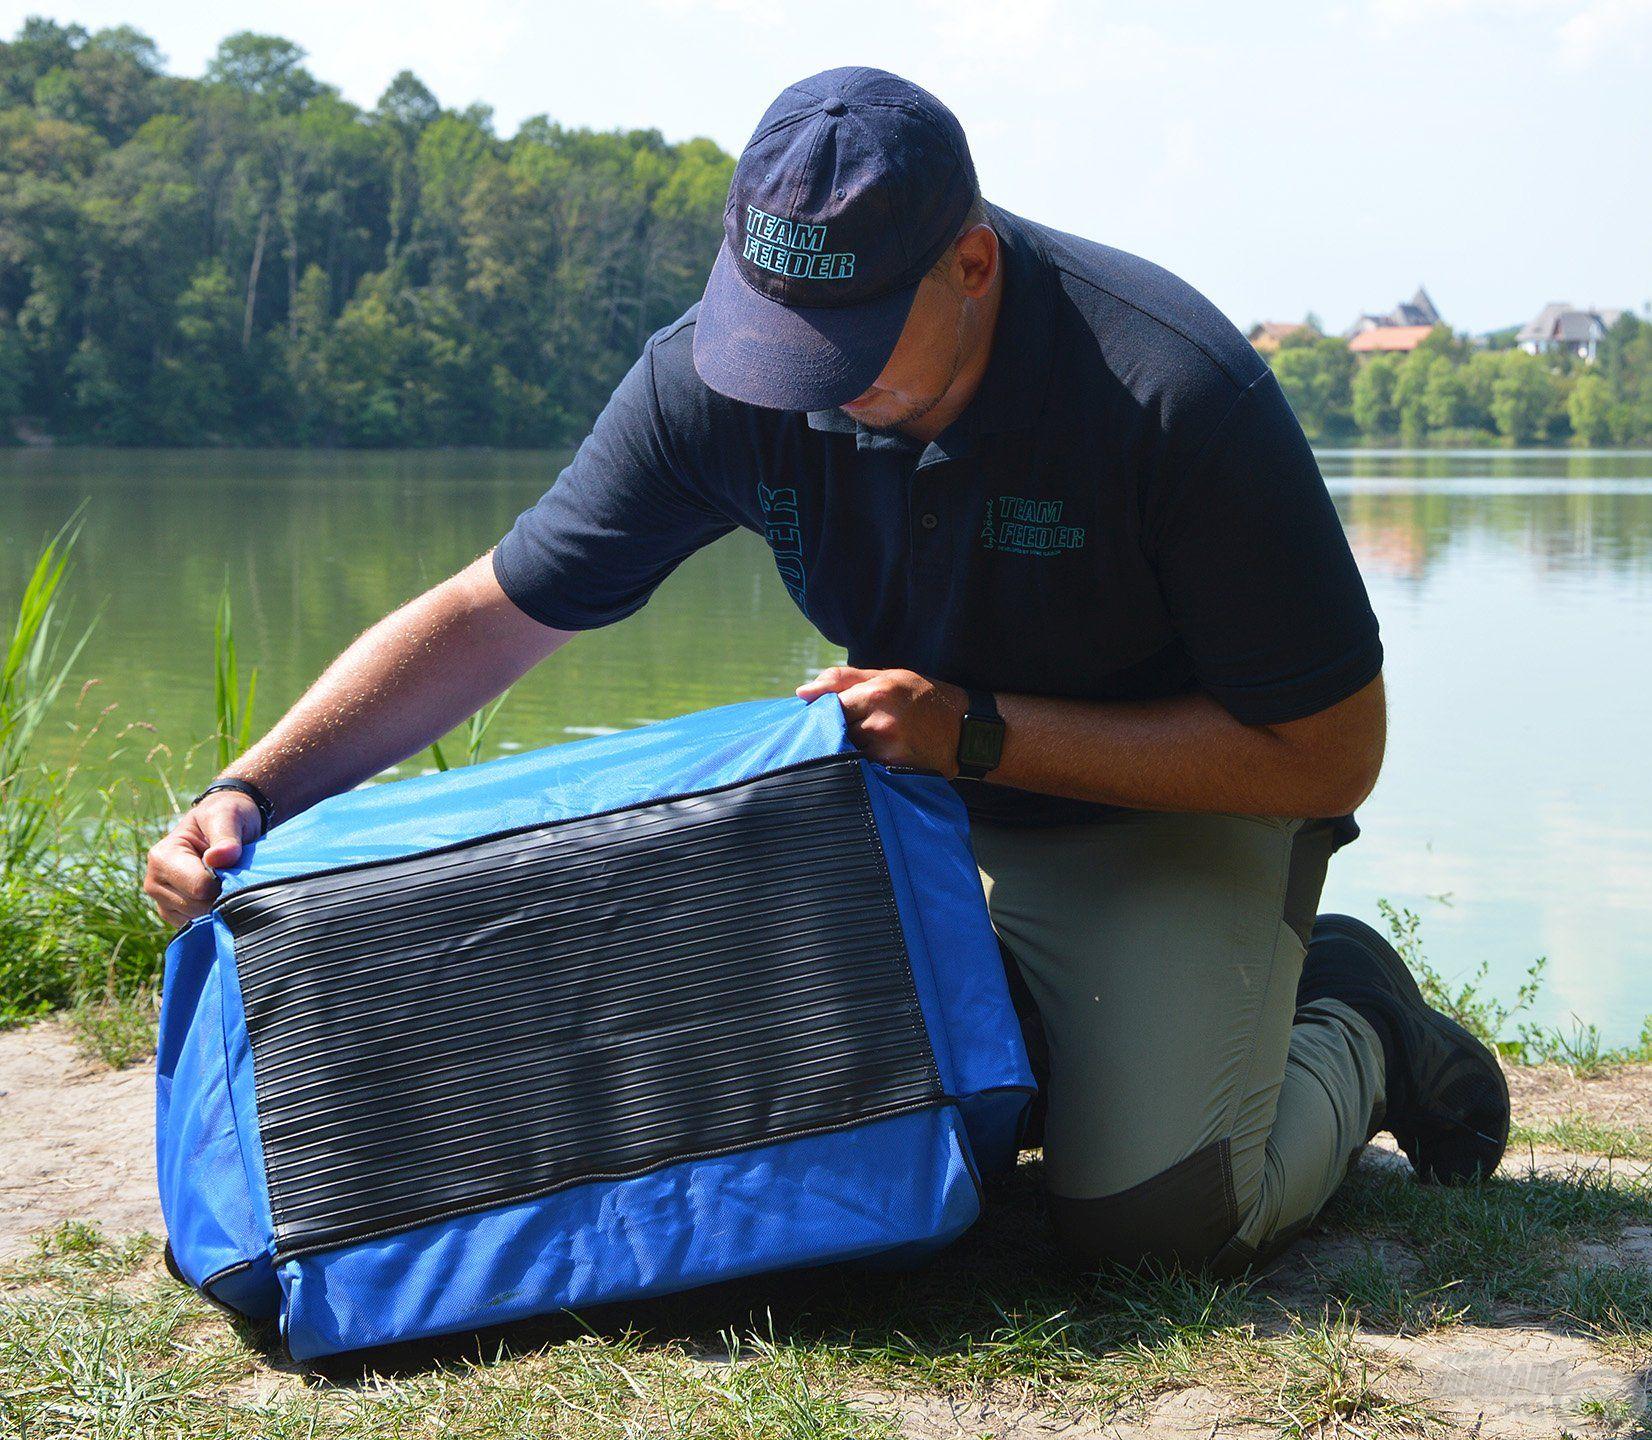 A gondos tervezésről, illetve minőségről árulkodik, hogy a táska alsó része vízhatlan borítást kapott